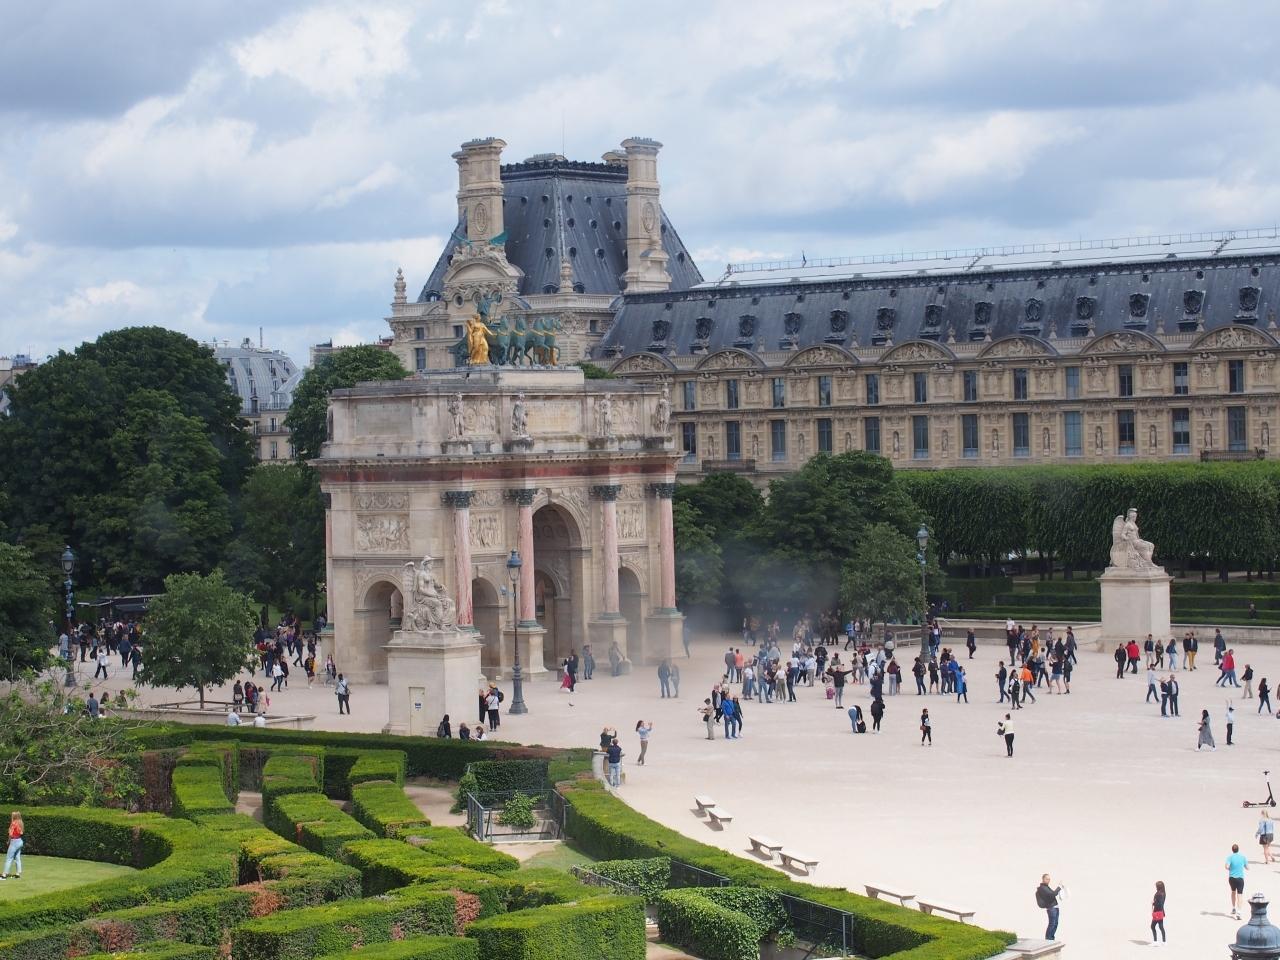 パリには凱旋門がいくつあるの?  4つ  ここはルーヴェル宮の西にあるカルーゼル凱旋門